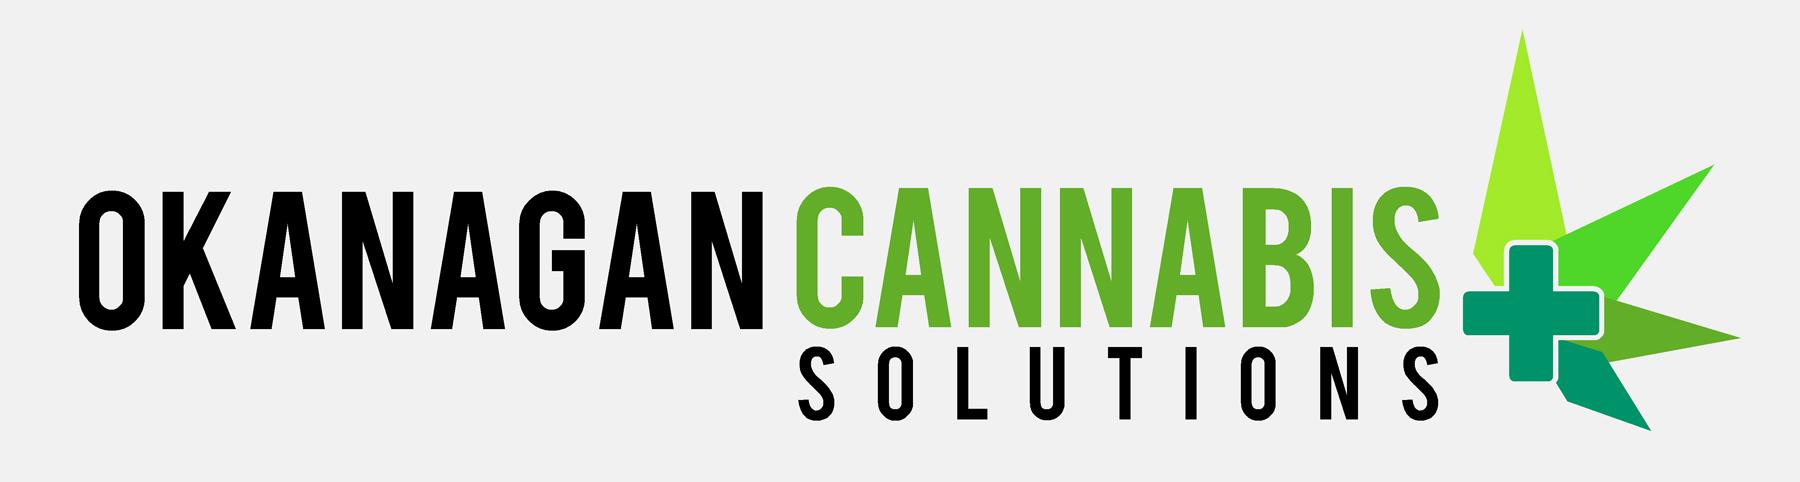 okanagan cannabis